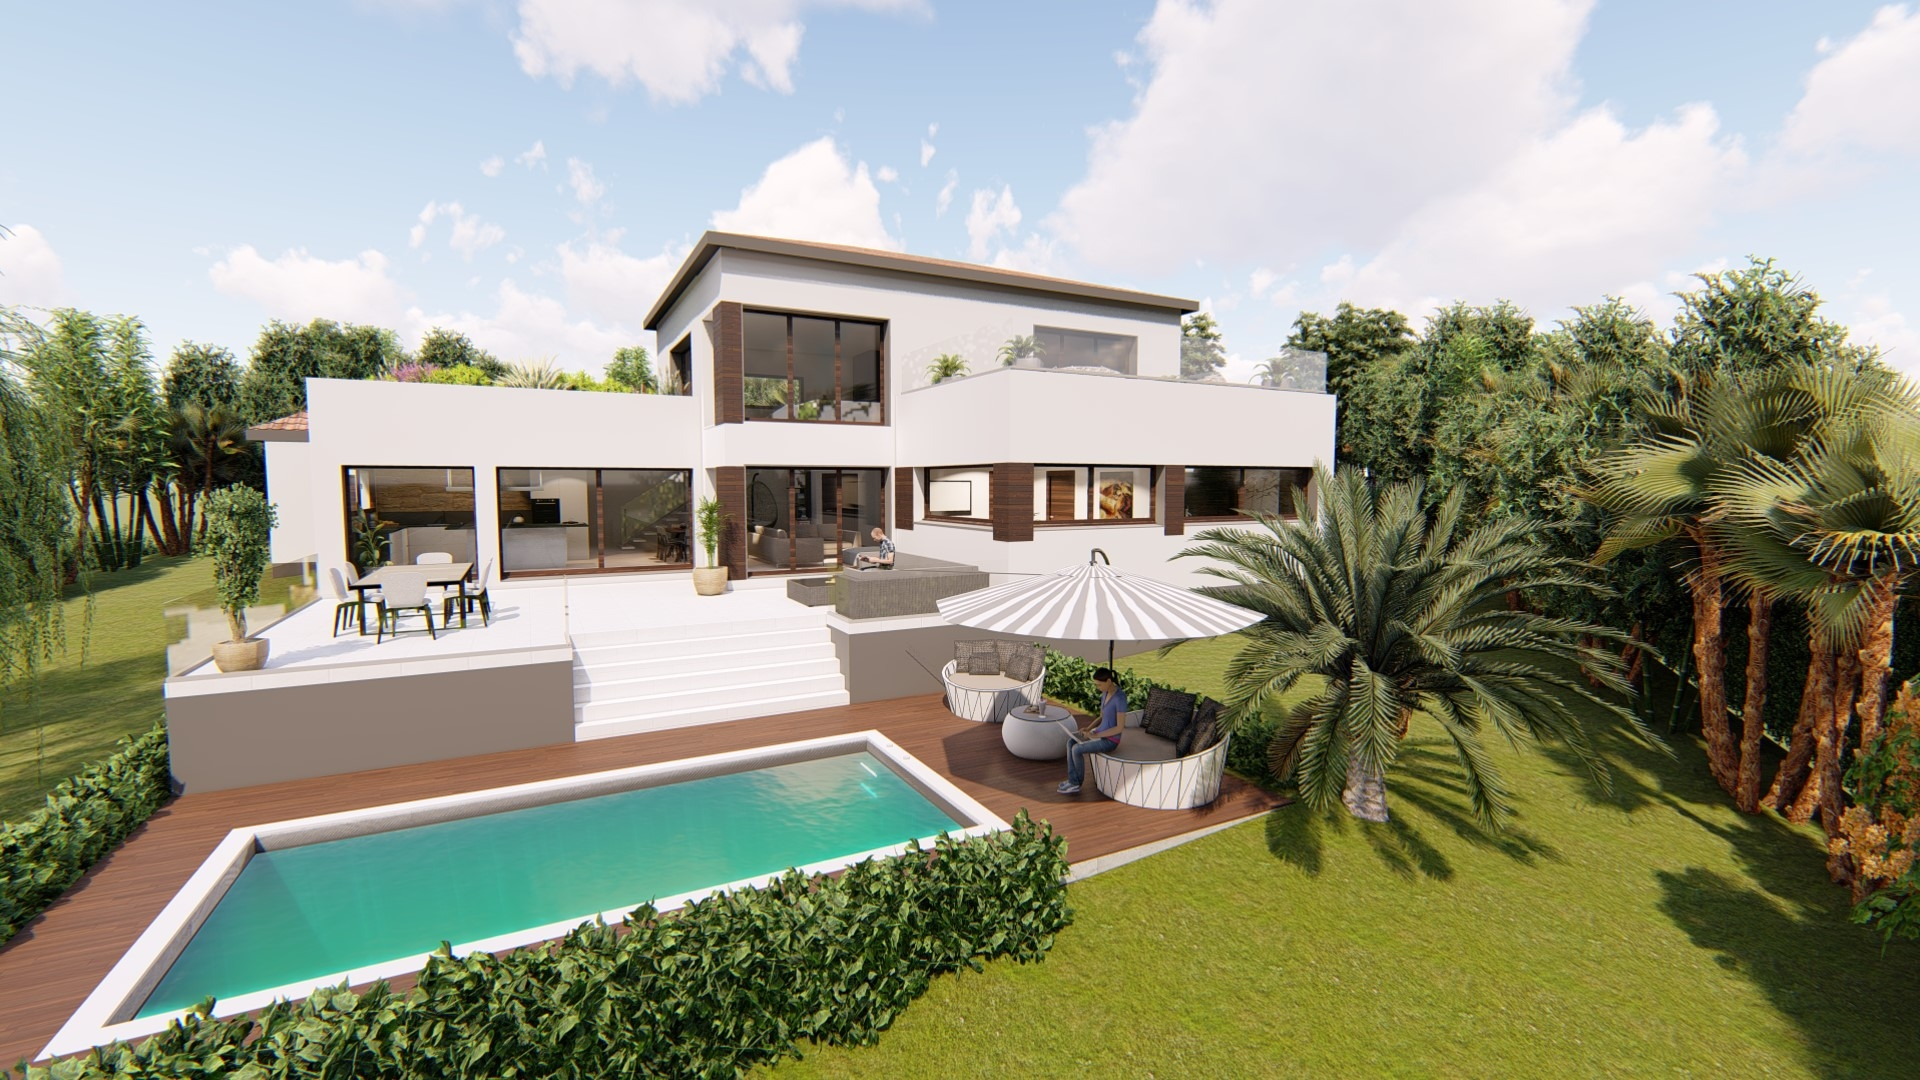 Maisons + Terrains du constructeur VILLAS SUD CREATION • 177 m² • CASTANET TOLOSAN